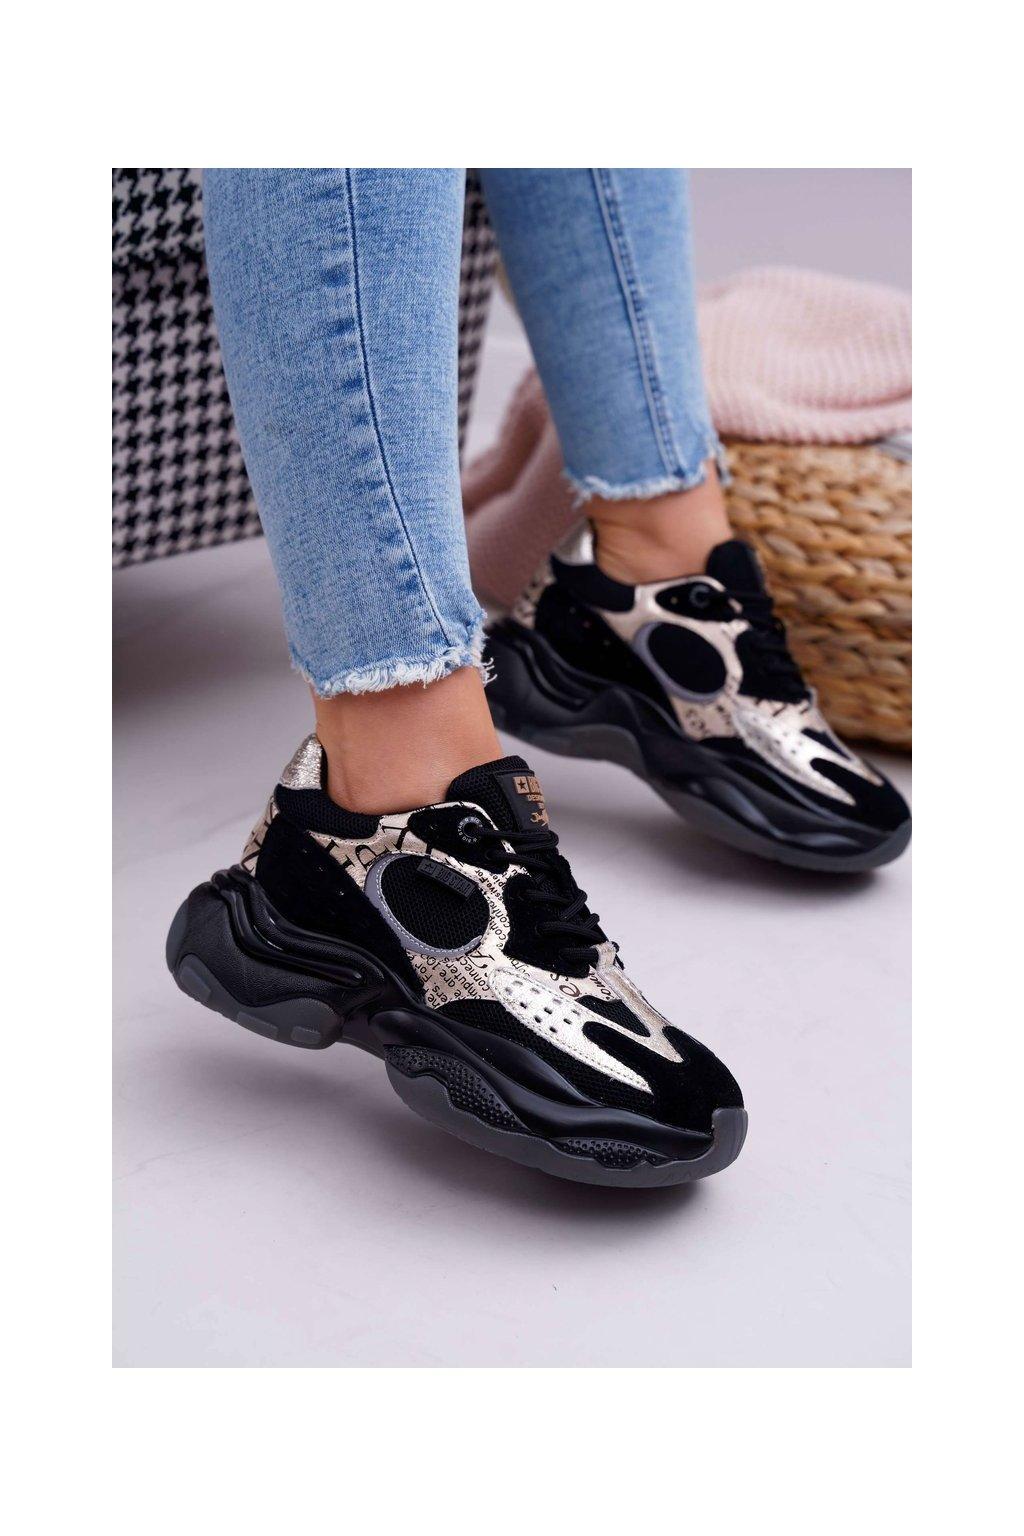 Dámska športová obuv B. Star od Daniel Lopez čierna zlatá FF274A524